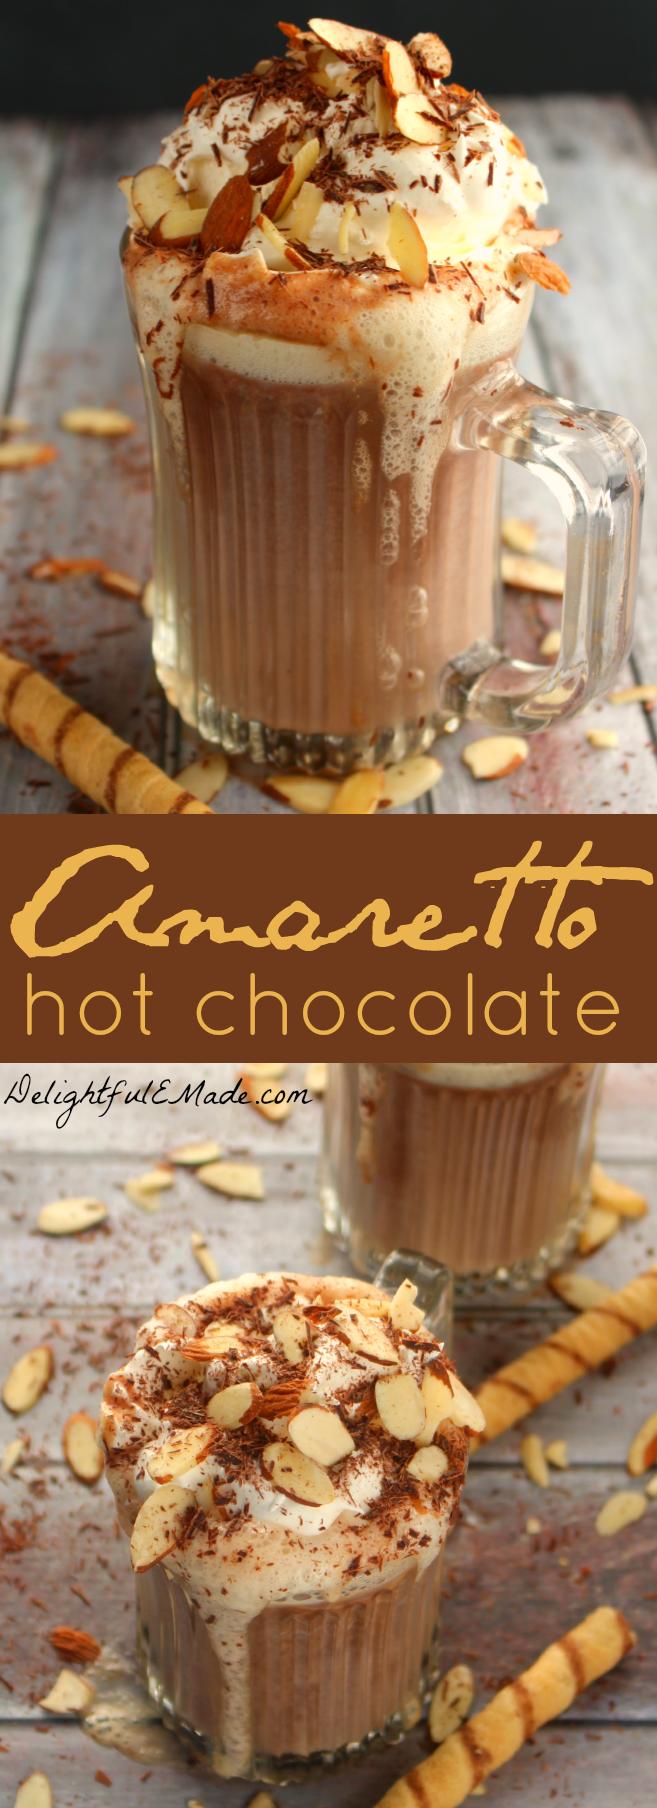 Amaretto Hot Chocolate - Delightful E Made